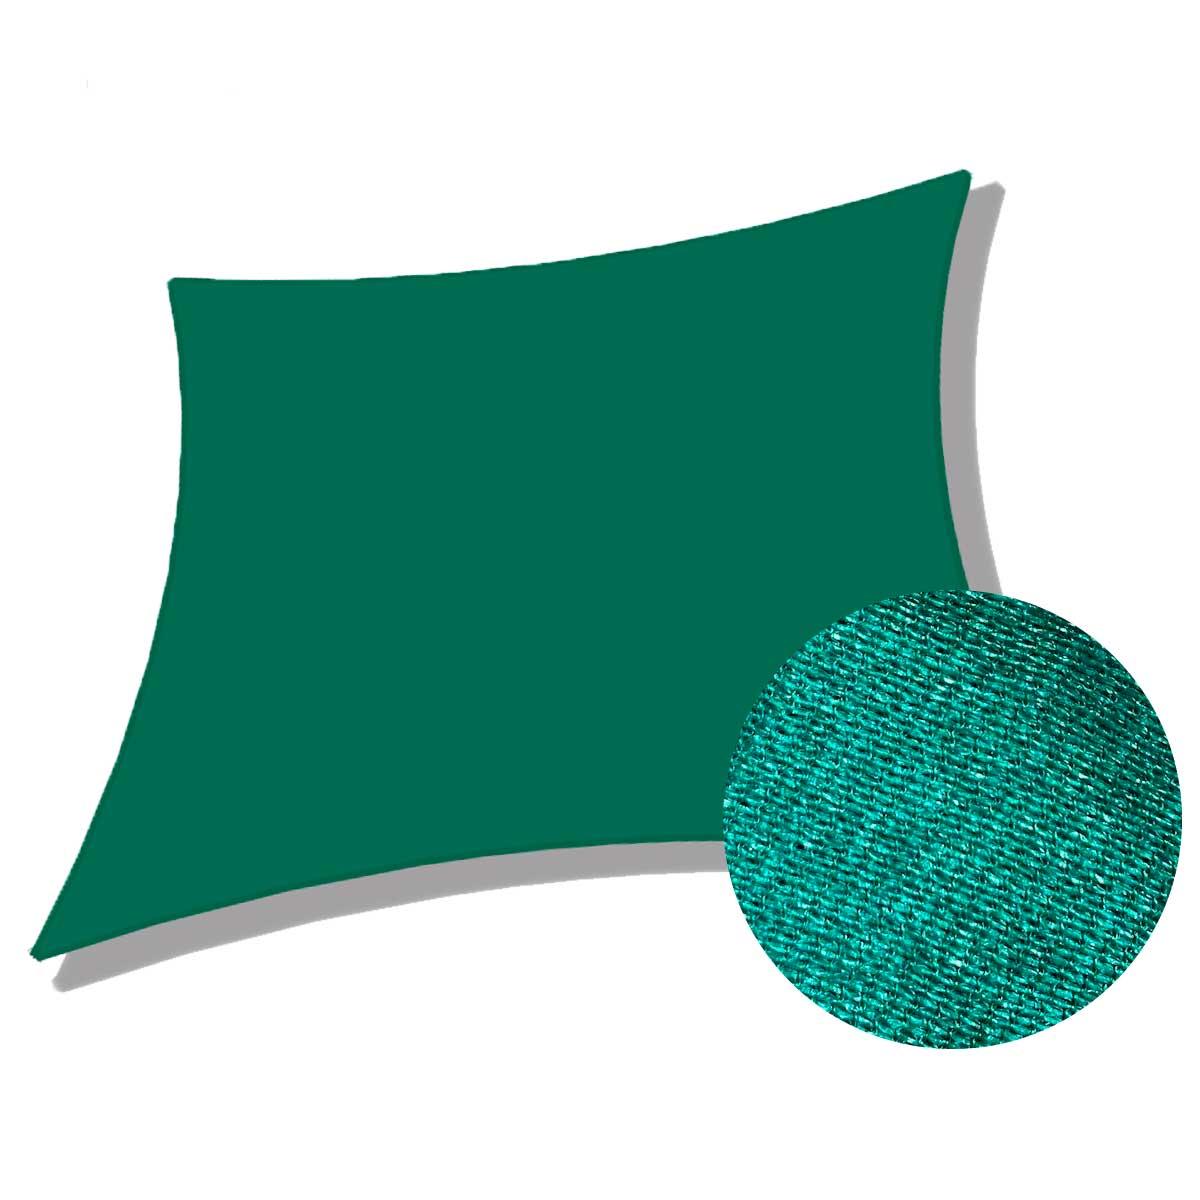 Tela Decorativa Sombrite Verde Sem Acabamento 4x8,5m